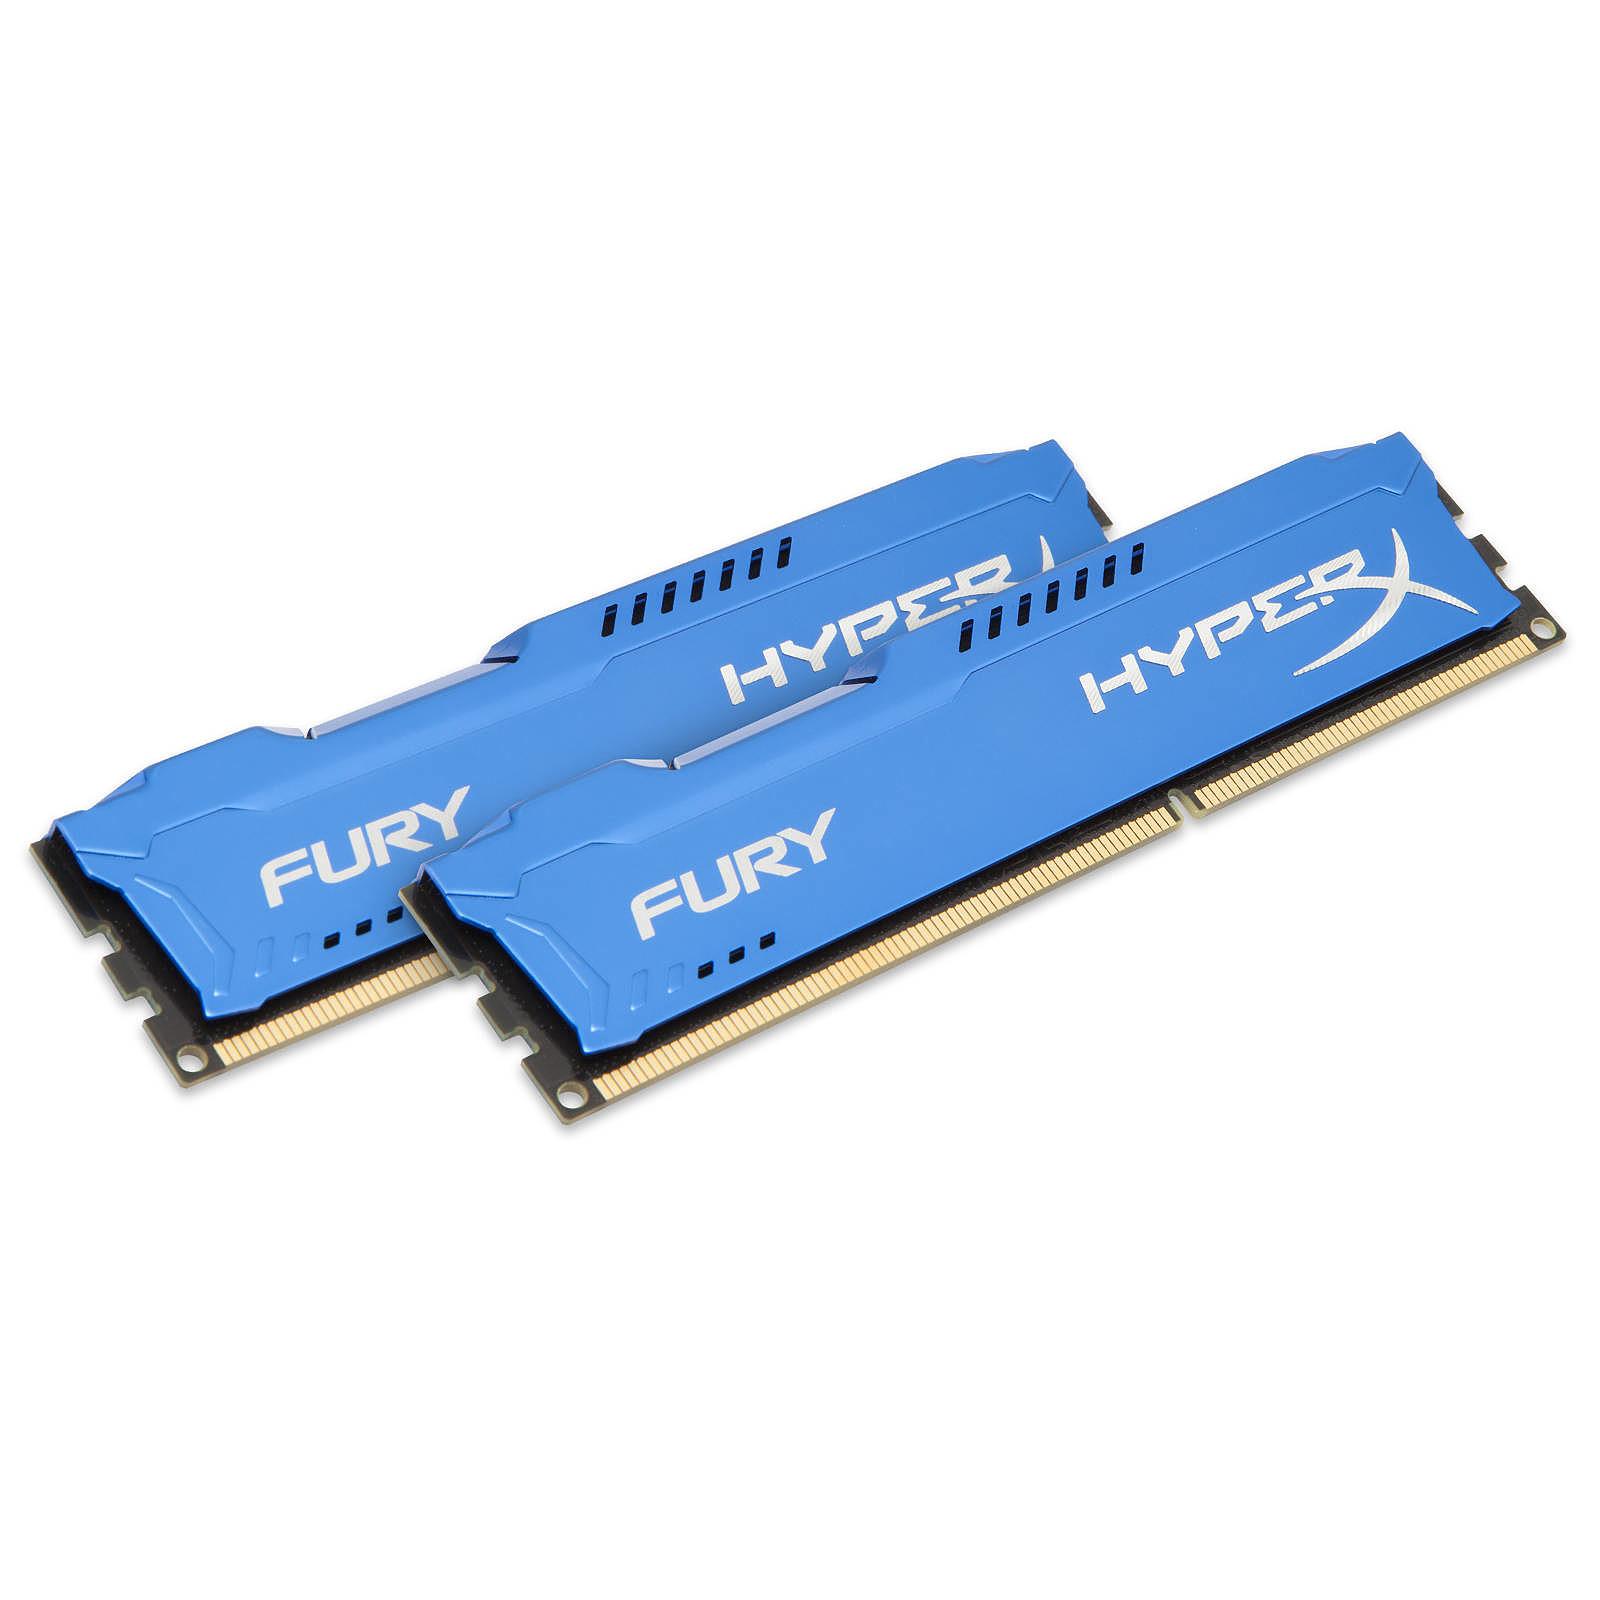 HyperX Fury 8 Go (2x 4Go) DDR3 1600 MHz CL10